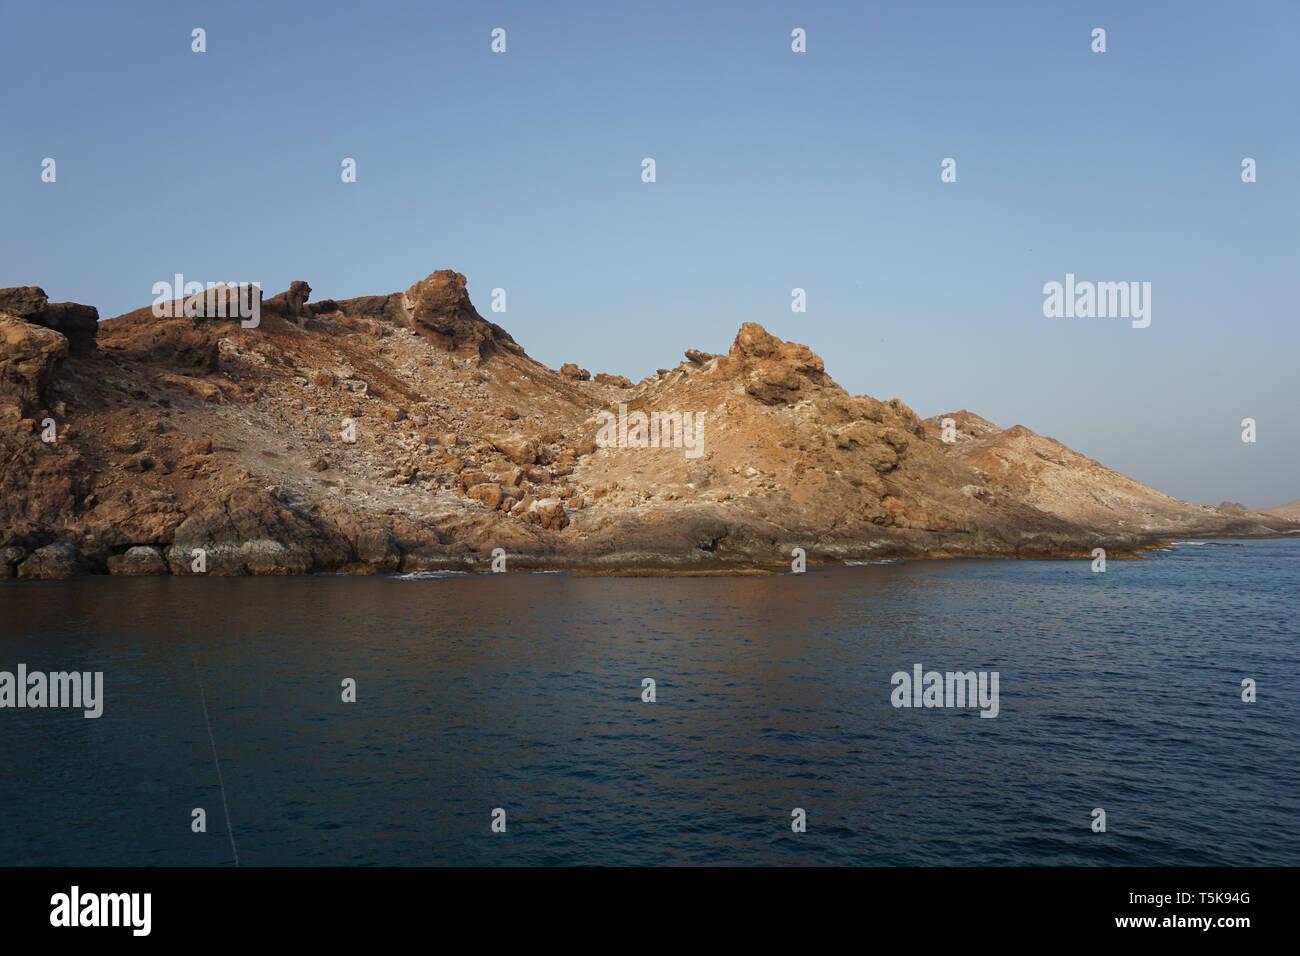 Hallaniyat Islands, Oman Stock Photo